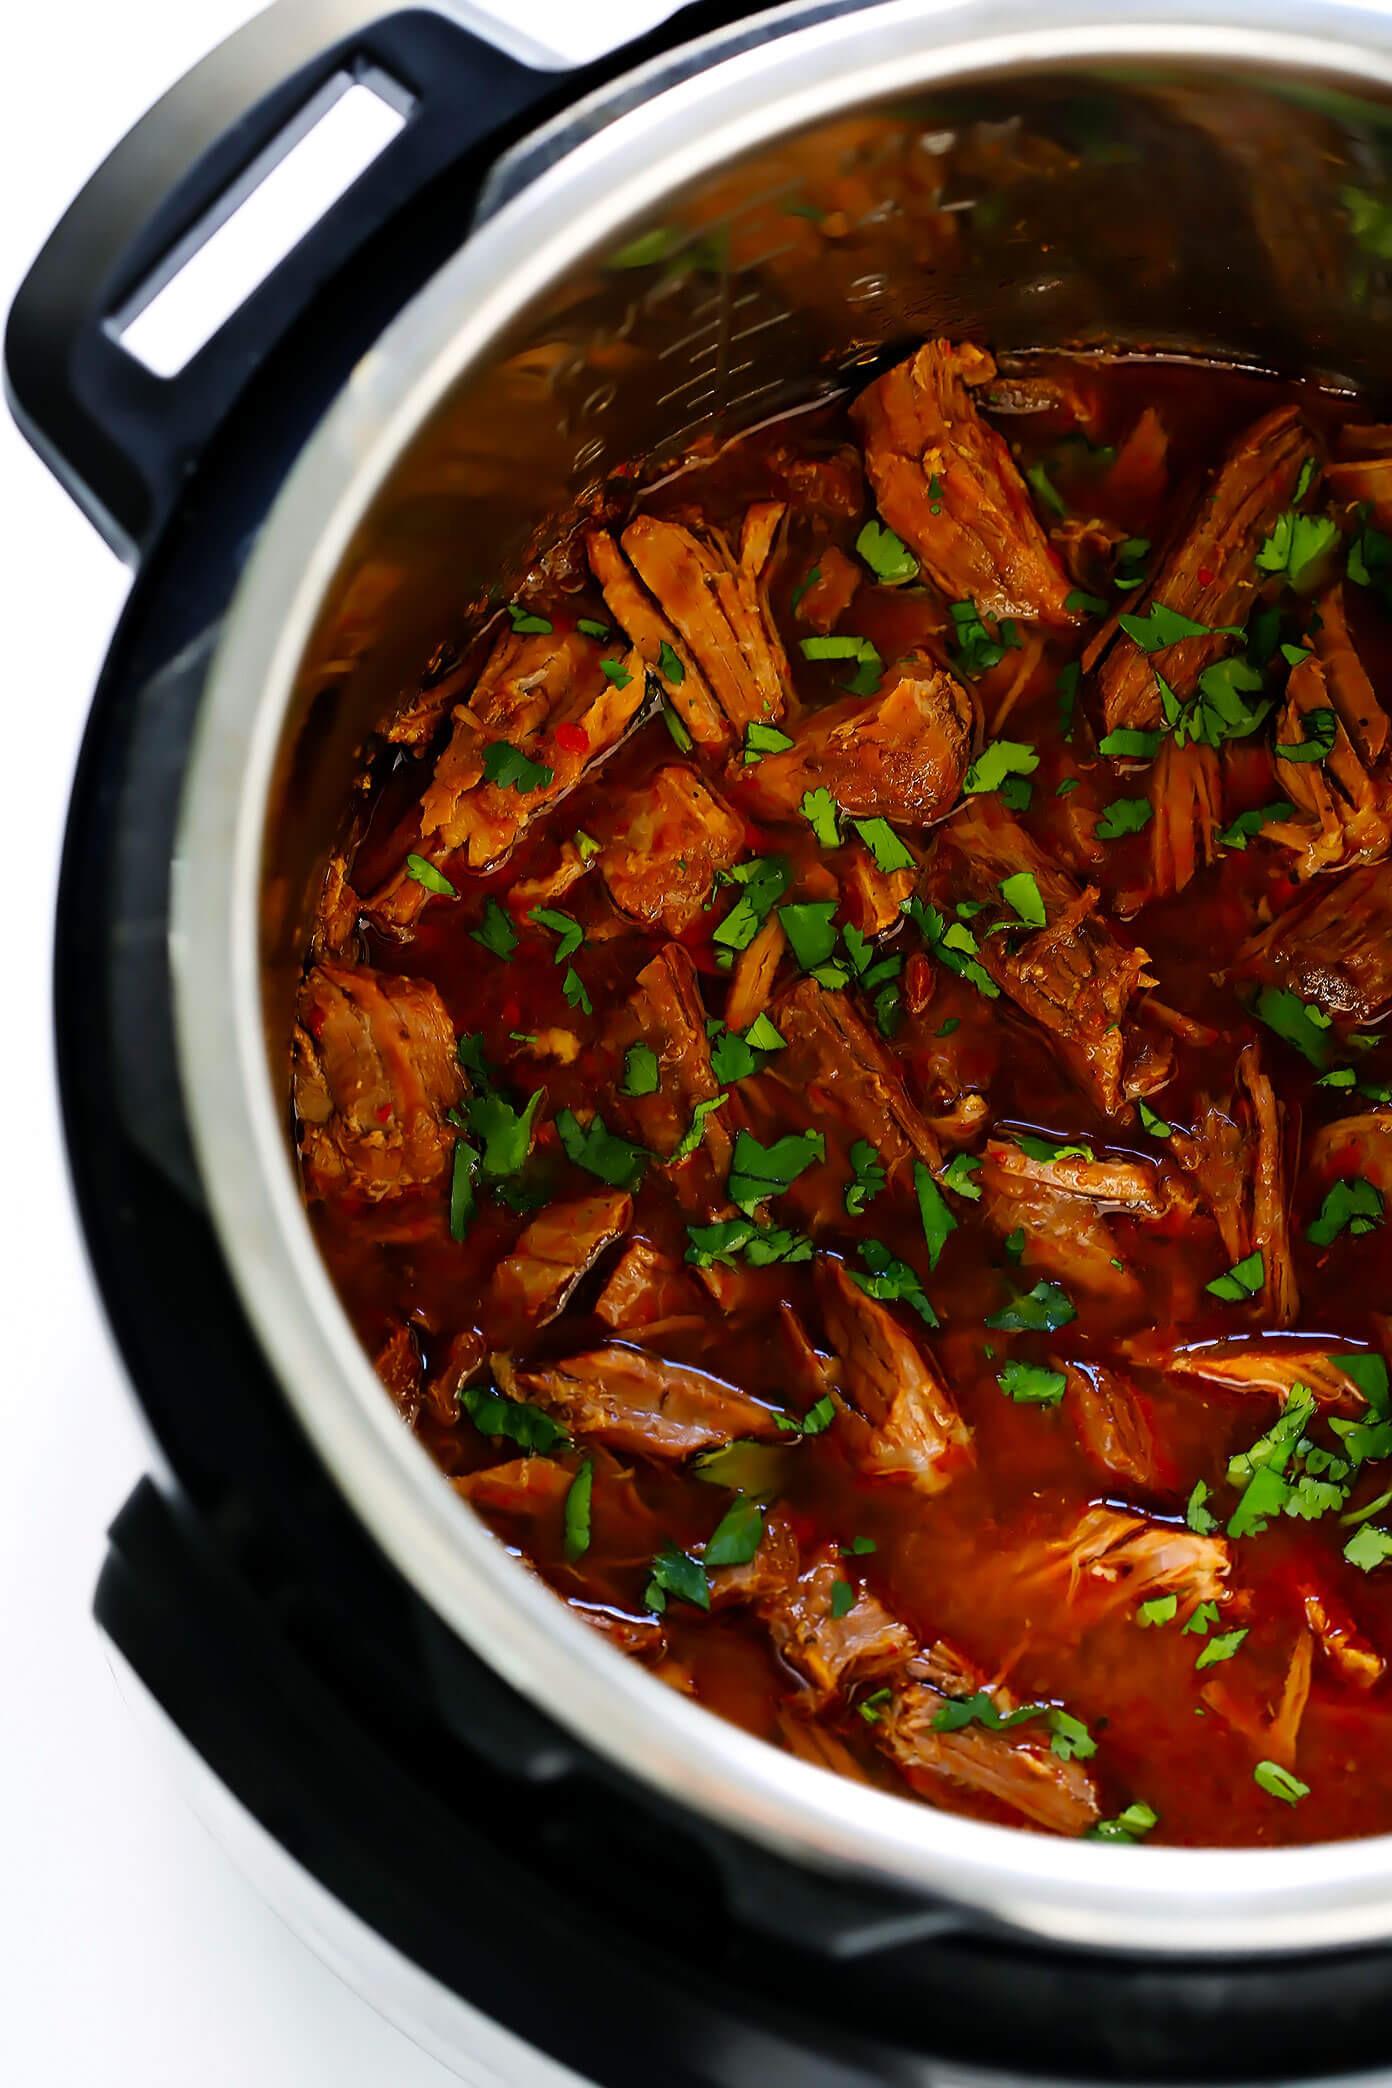 Instant Pot Recipes Beef  Instant Pot Barbacoa Beef